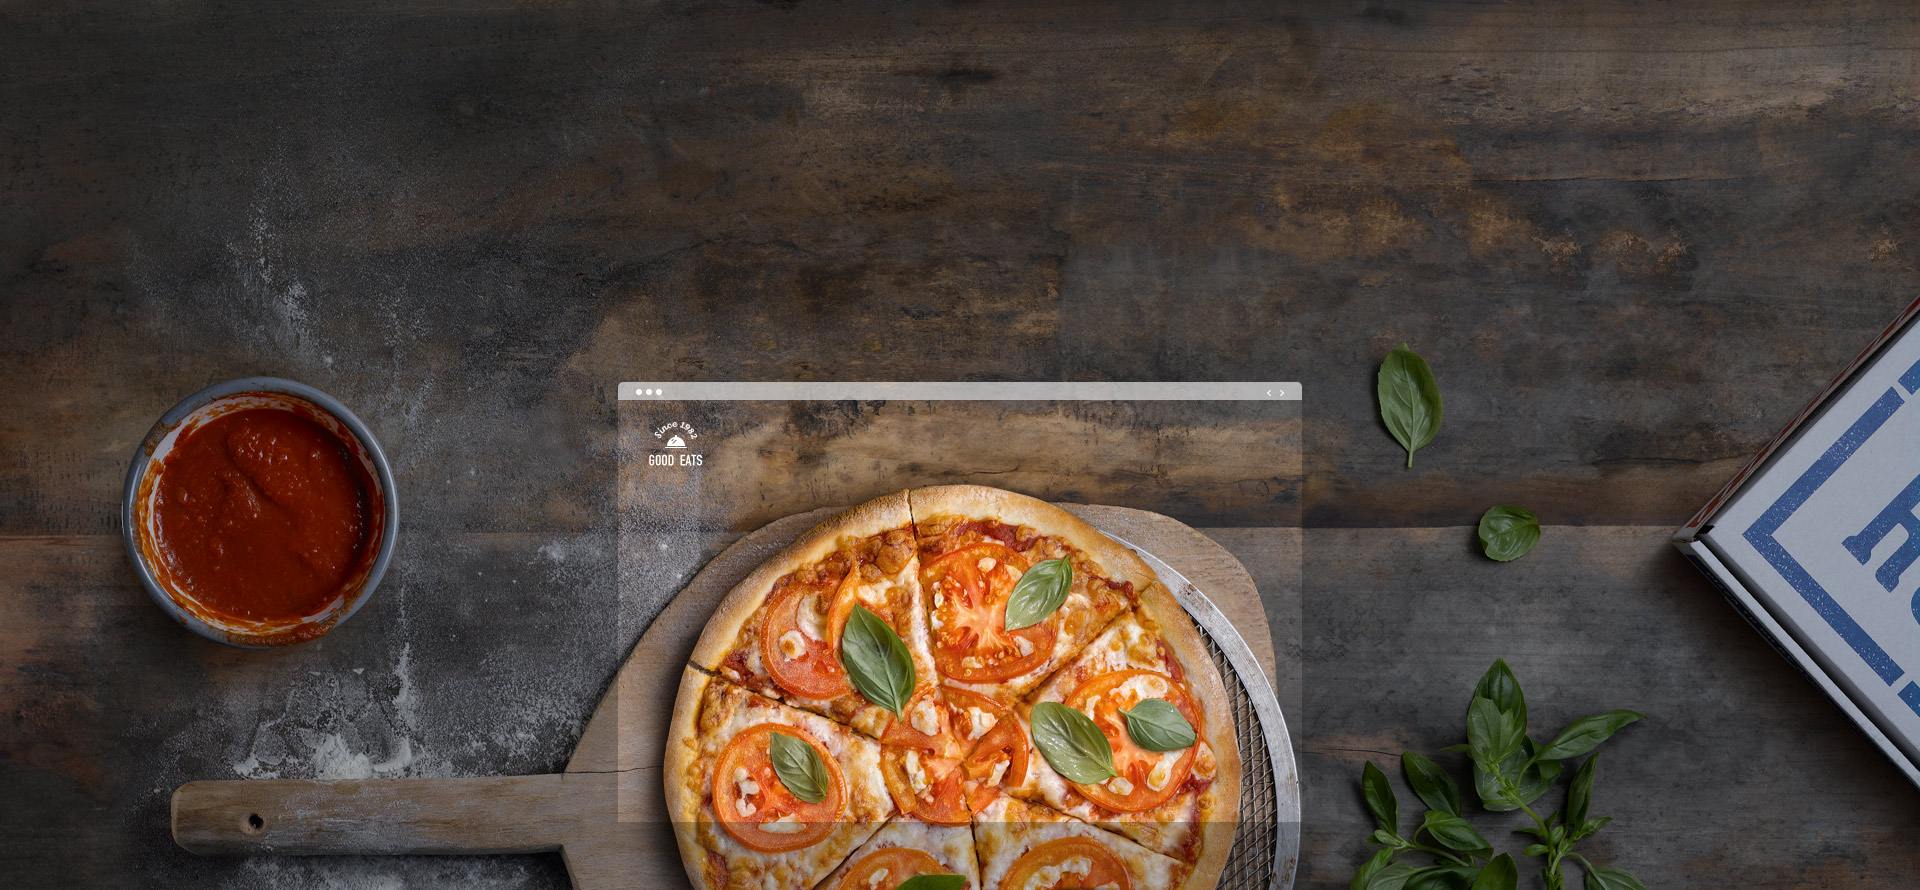 Restaurant website builder | Online Ordering System | Wix com